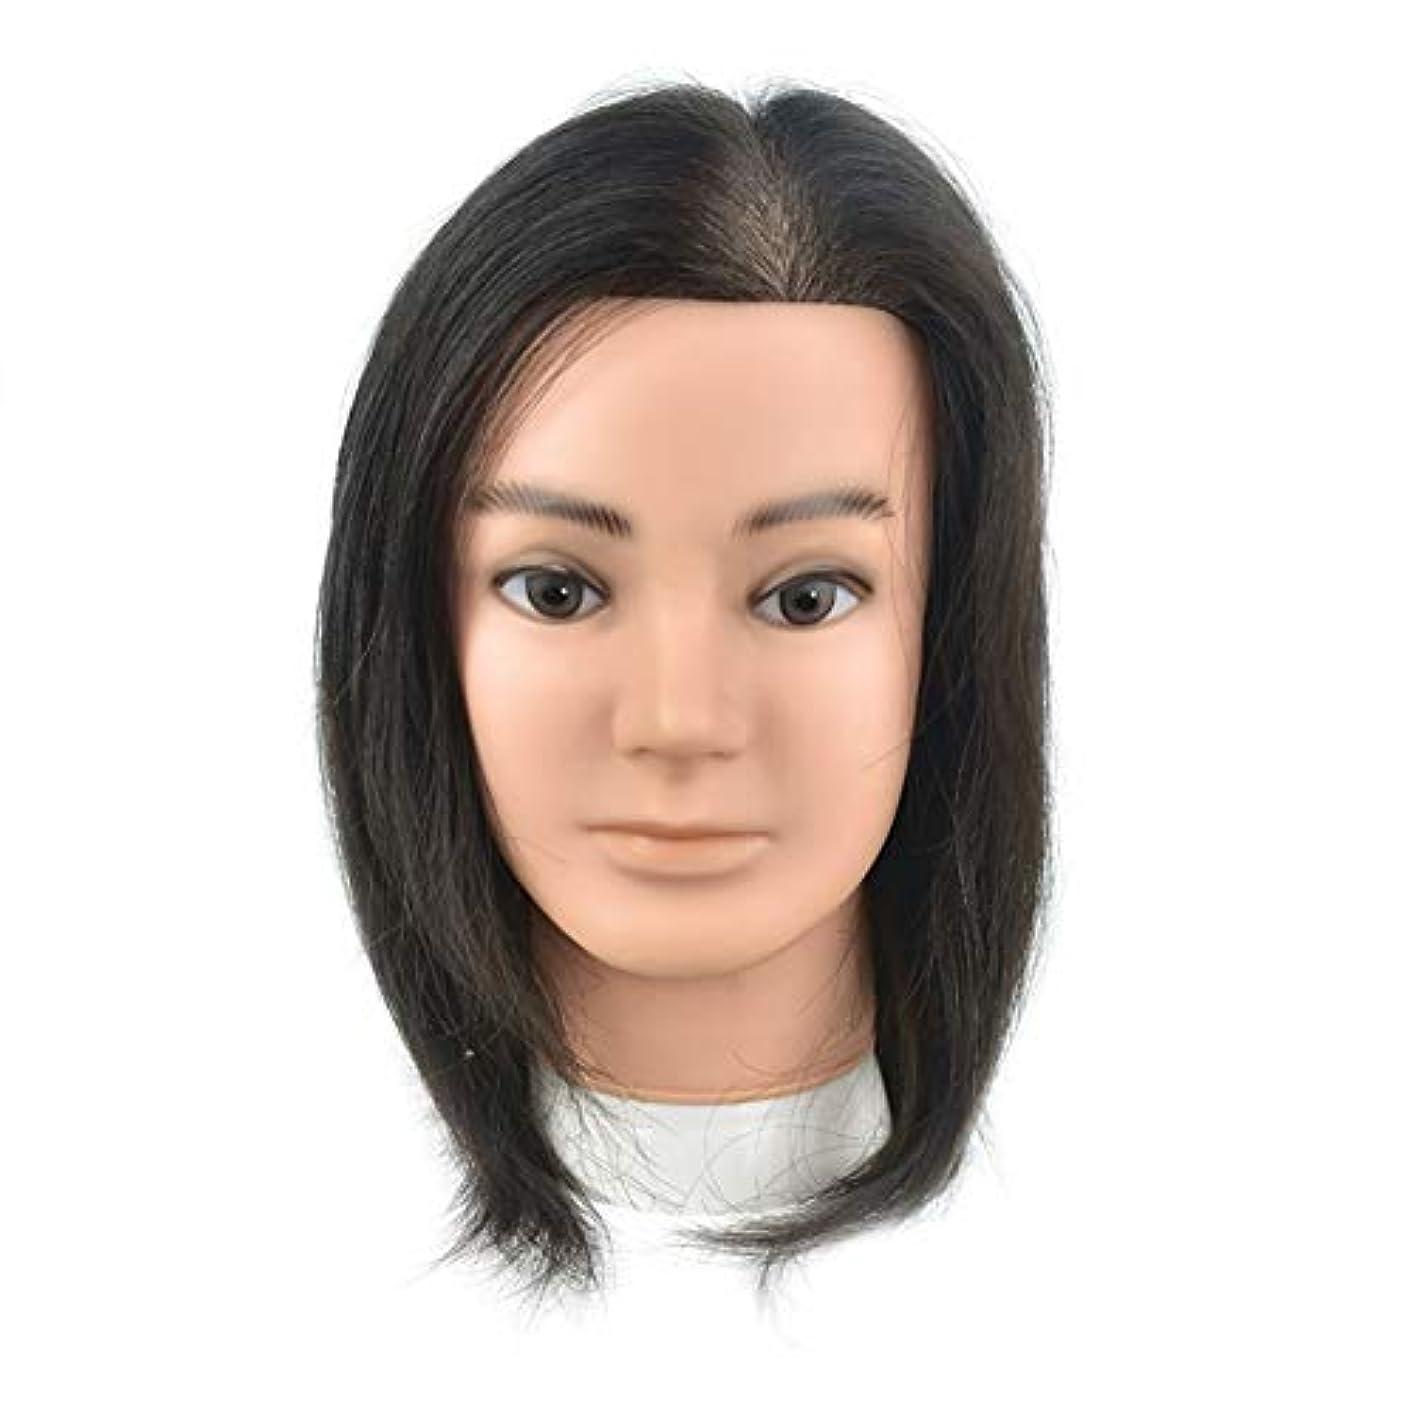 似ている退屈な関与するリアルヘアスタイリングマネキンヘッド女性ヘッドモデル教育ヘッド理髪店編組ヘア染色学習ダミーヘッド